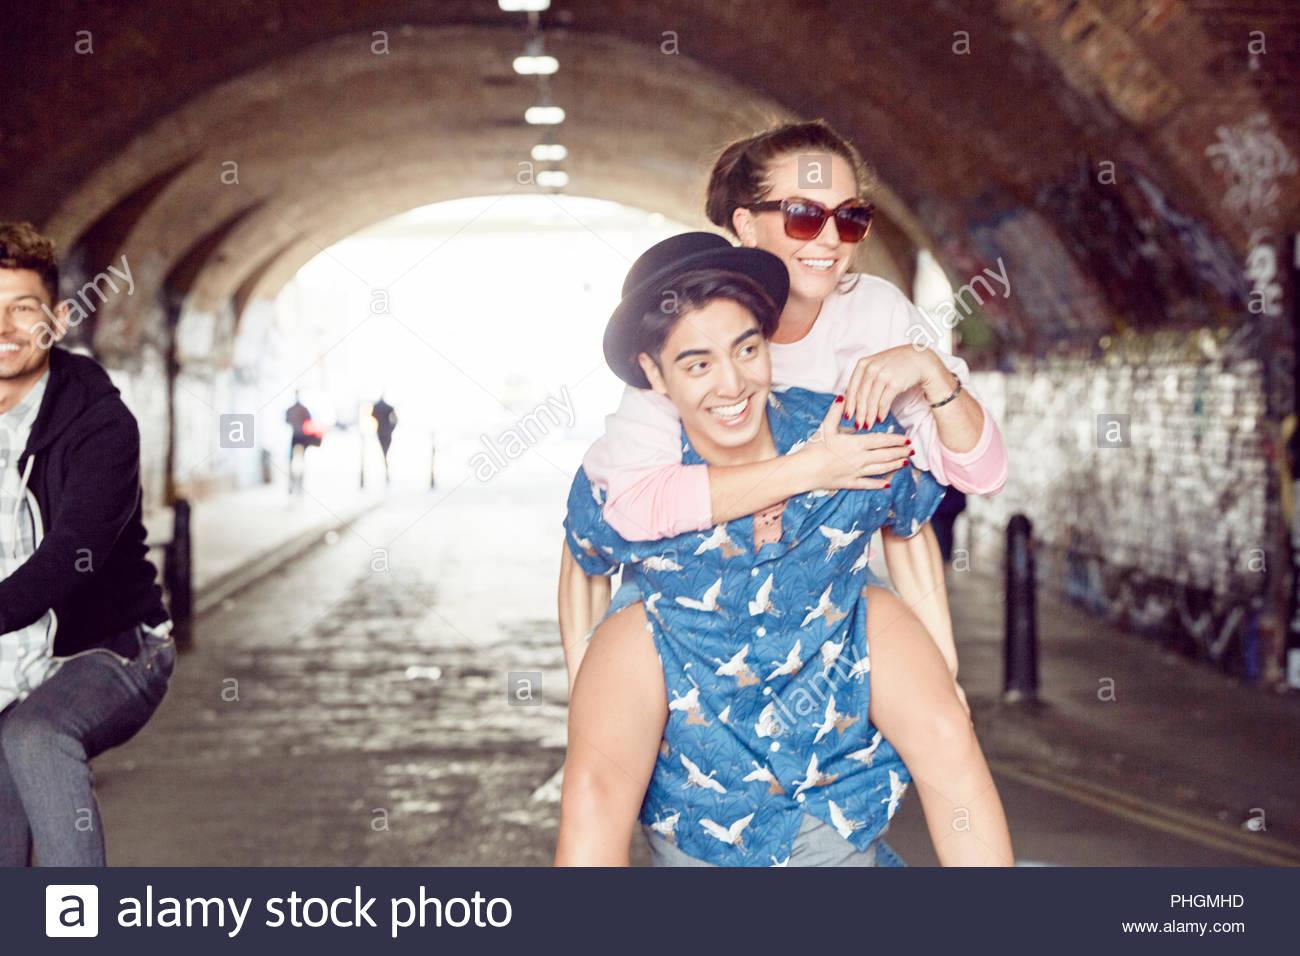 Teenager, die Freundin piggyback Ride im Tunnel Stockbild